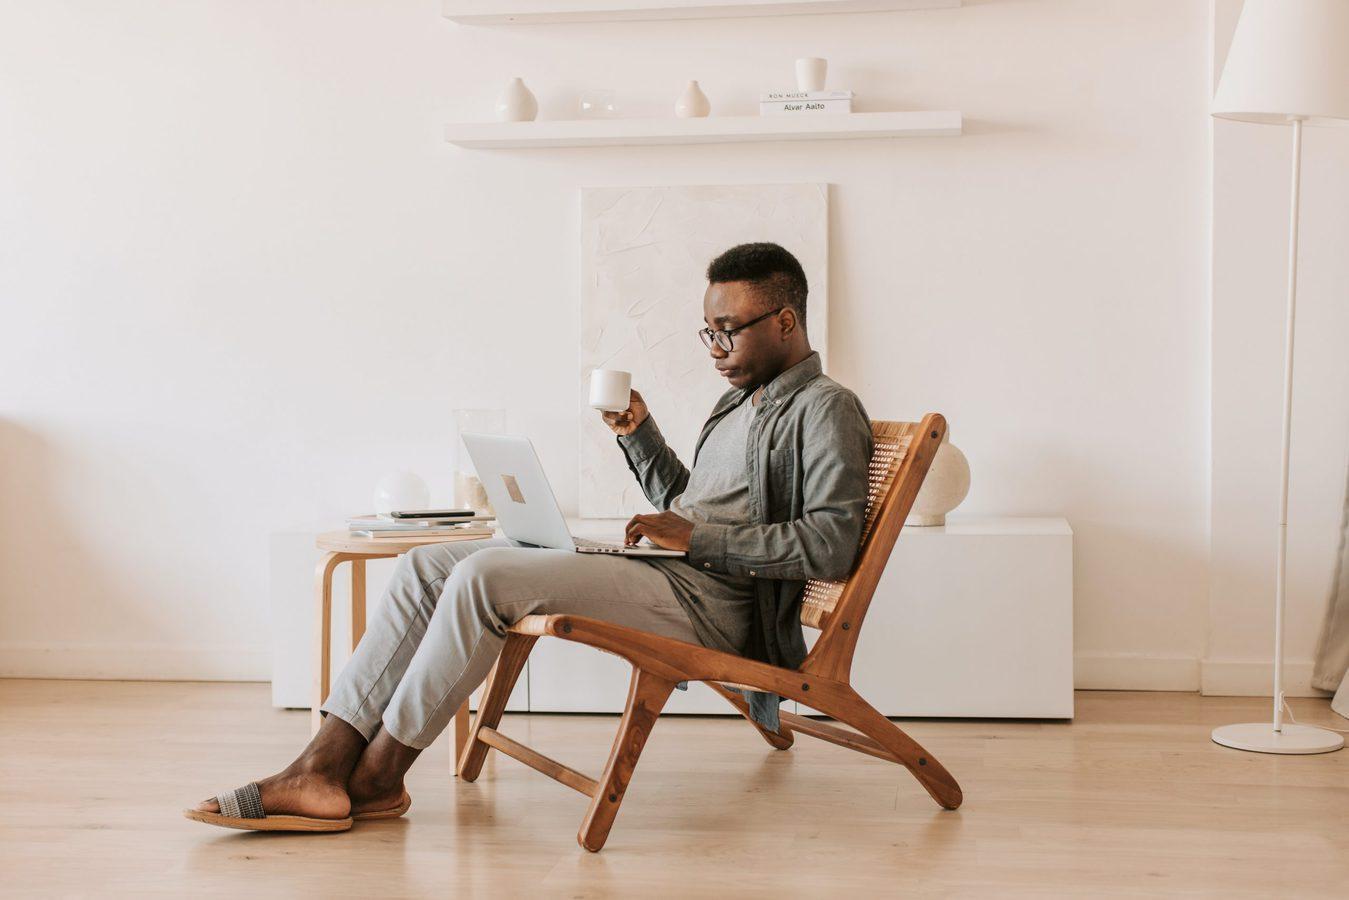 Pria duduk di sofa sambil menggunakan laptop